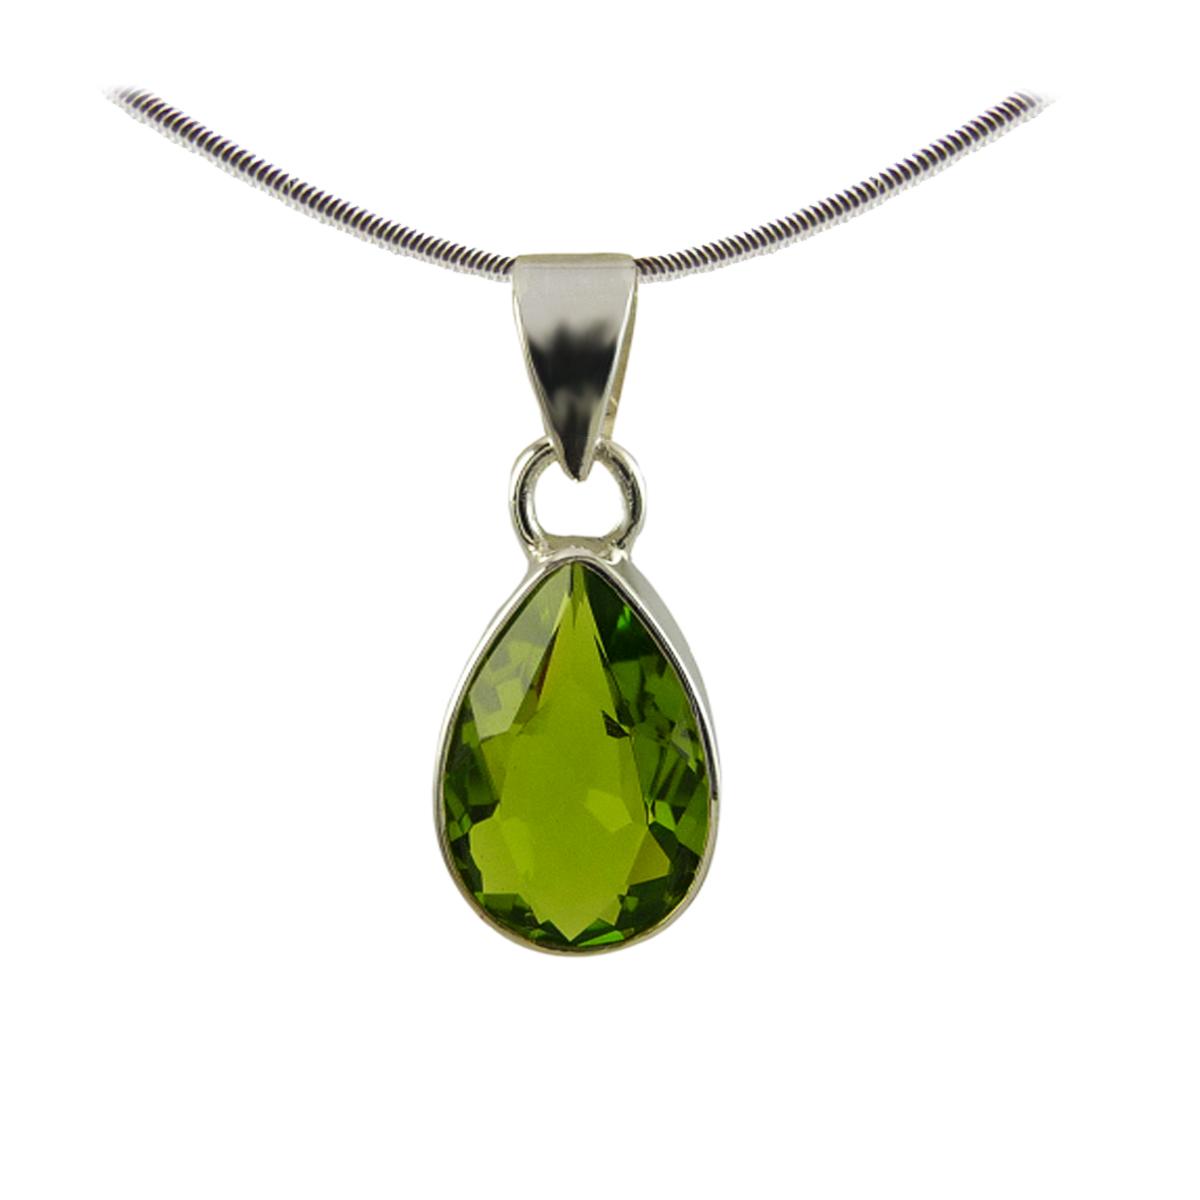 pendentif en pierre fine péridot vert